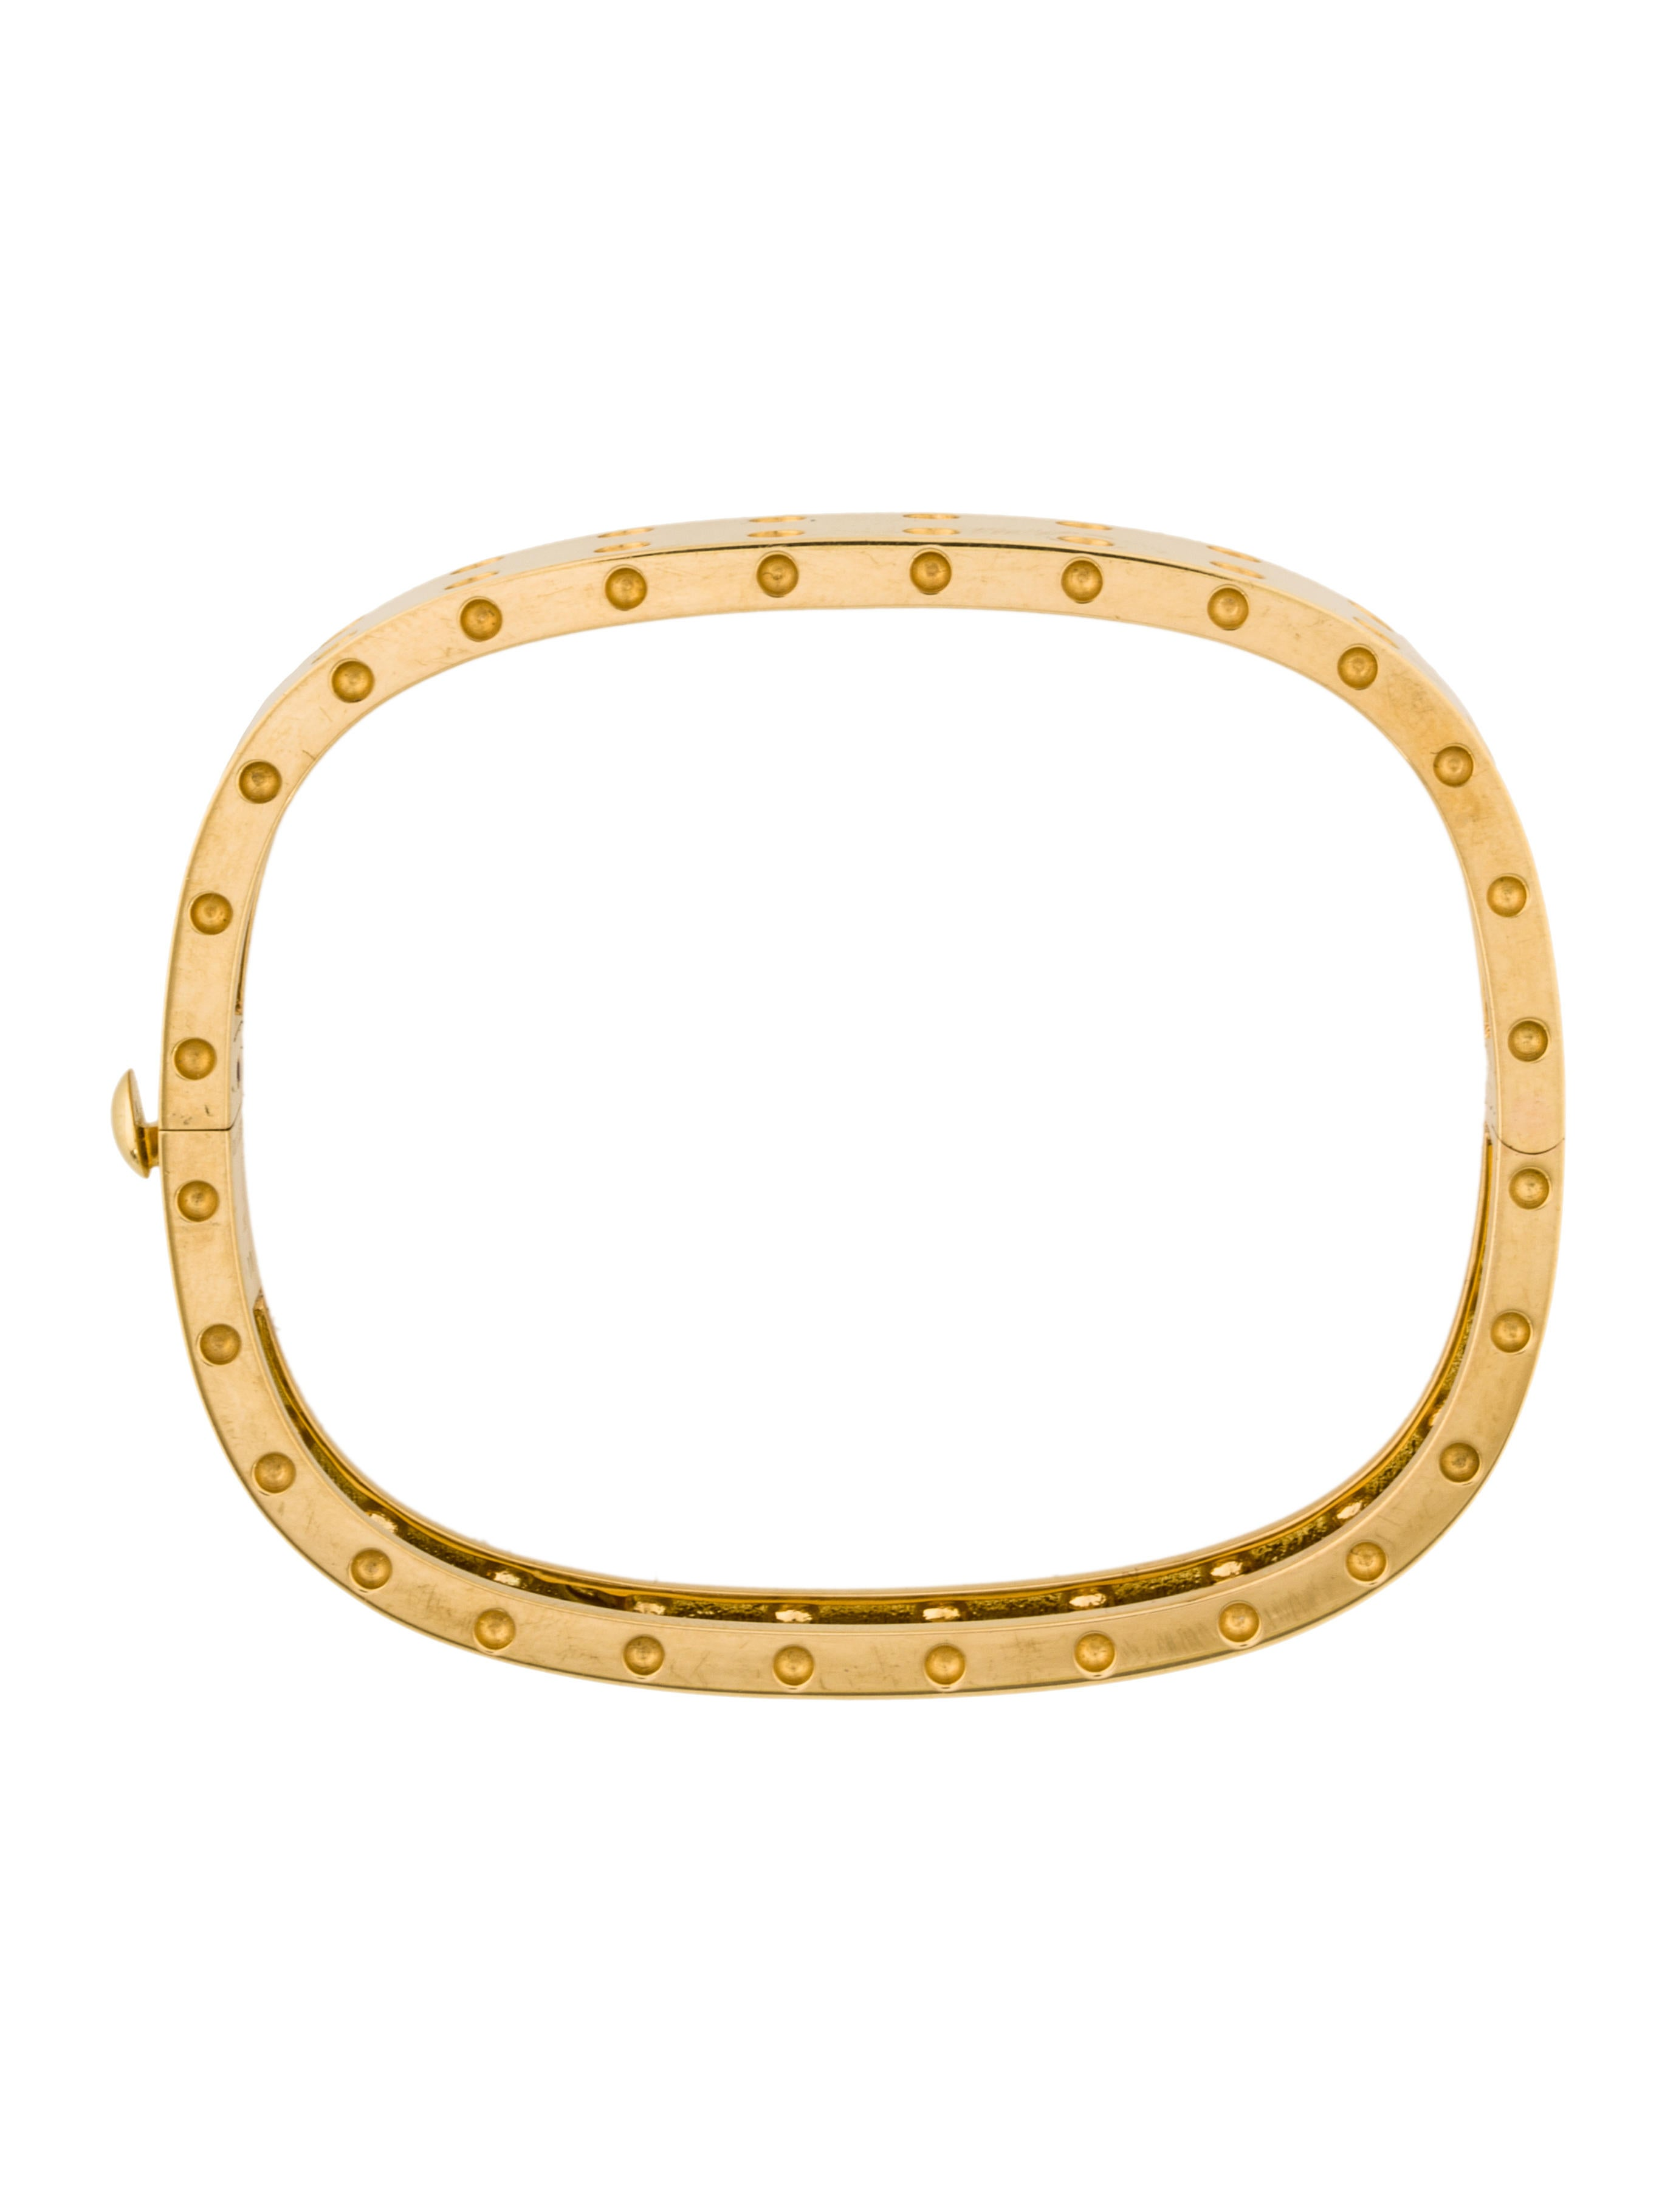 roberto coin 18k pois mois bangle bracelet bracelets. Black Bedroom Furniture Sets. Home Design Ideas